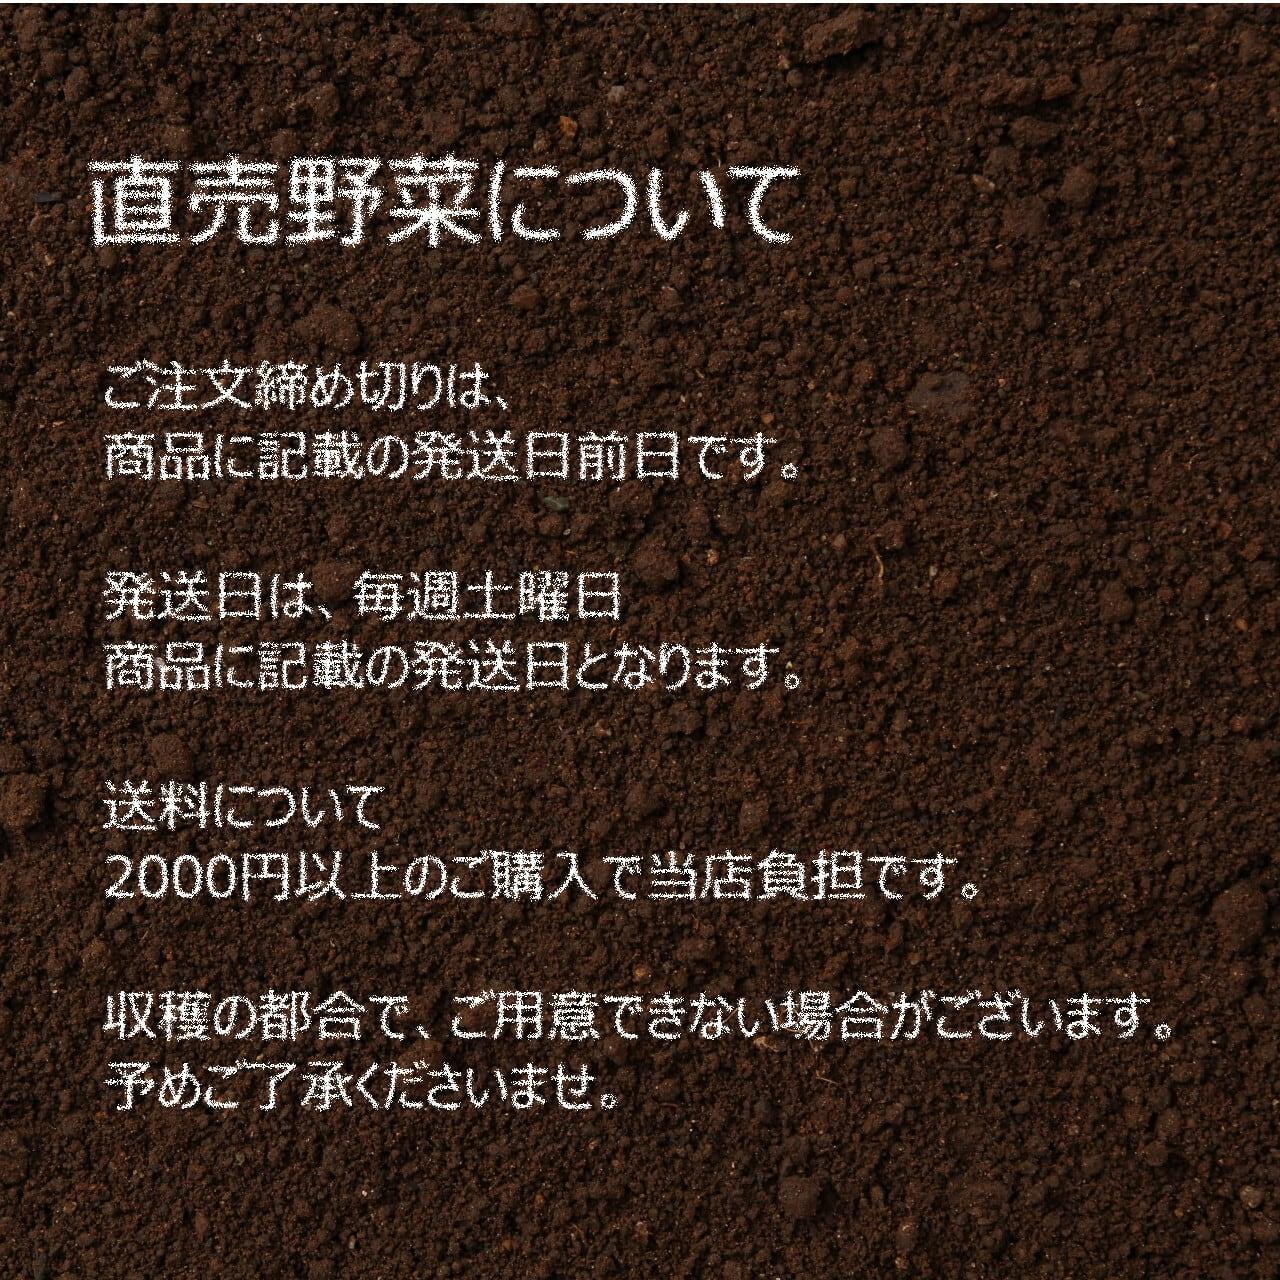 6月の朝採り直売野菜 : トマト 約 2~3個 6月26日発送予定